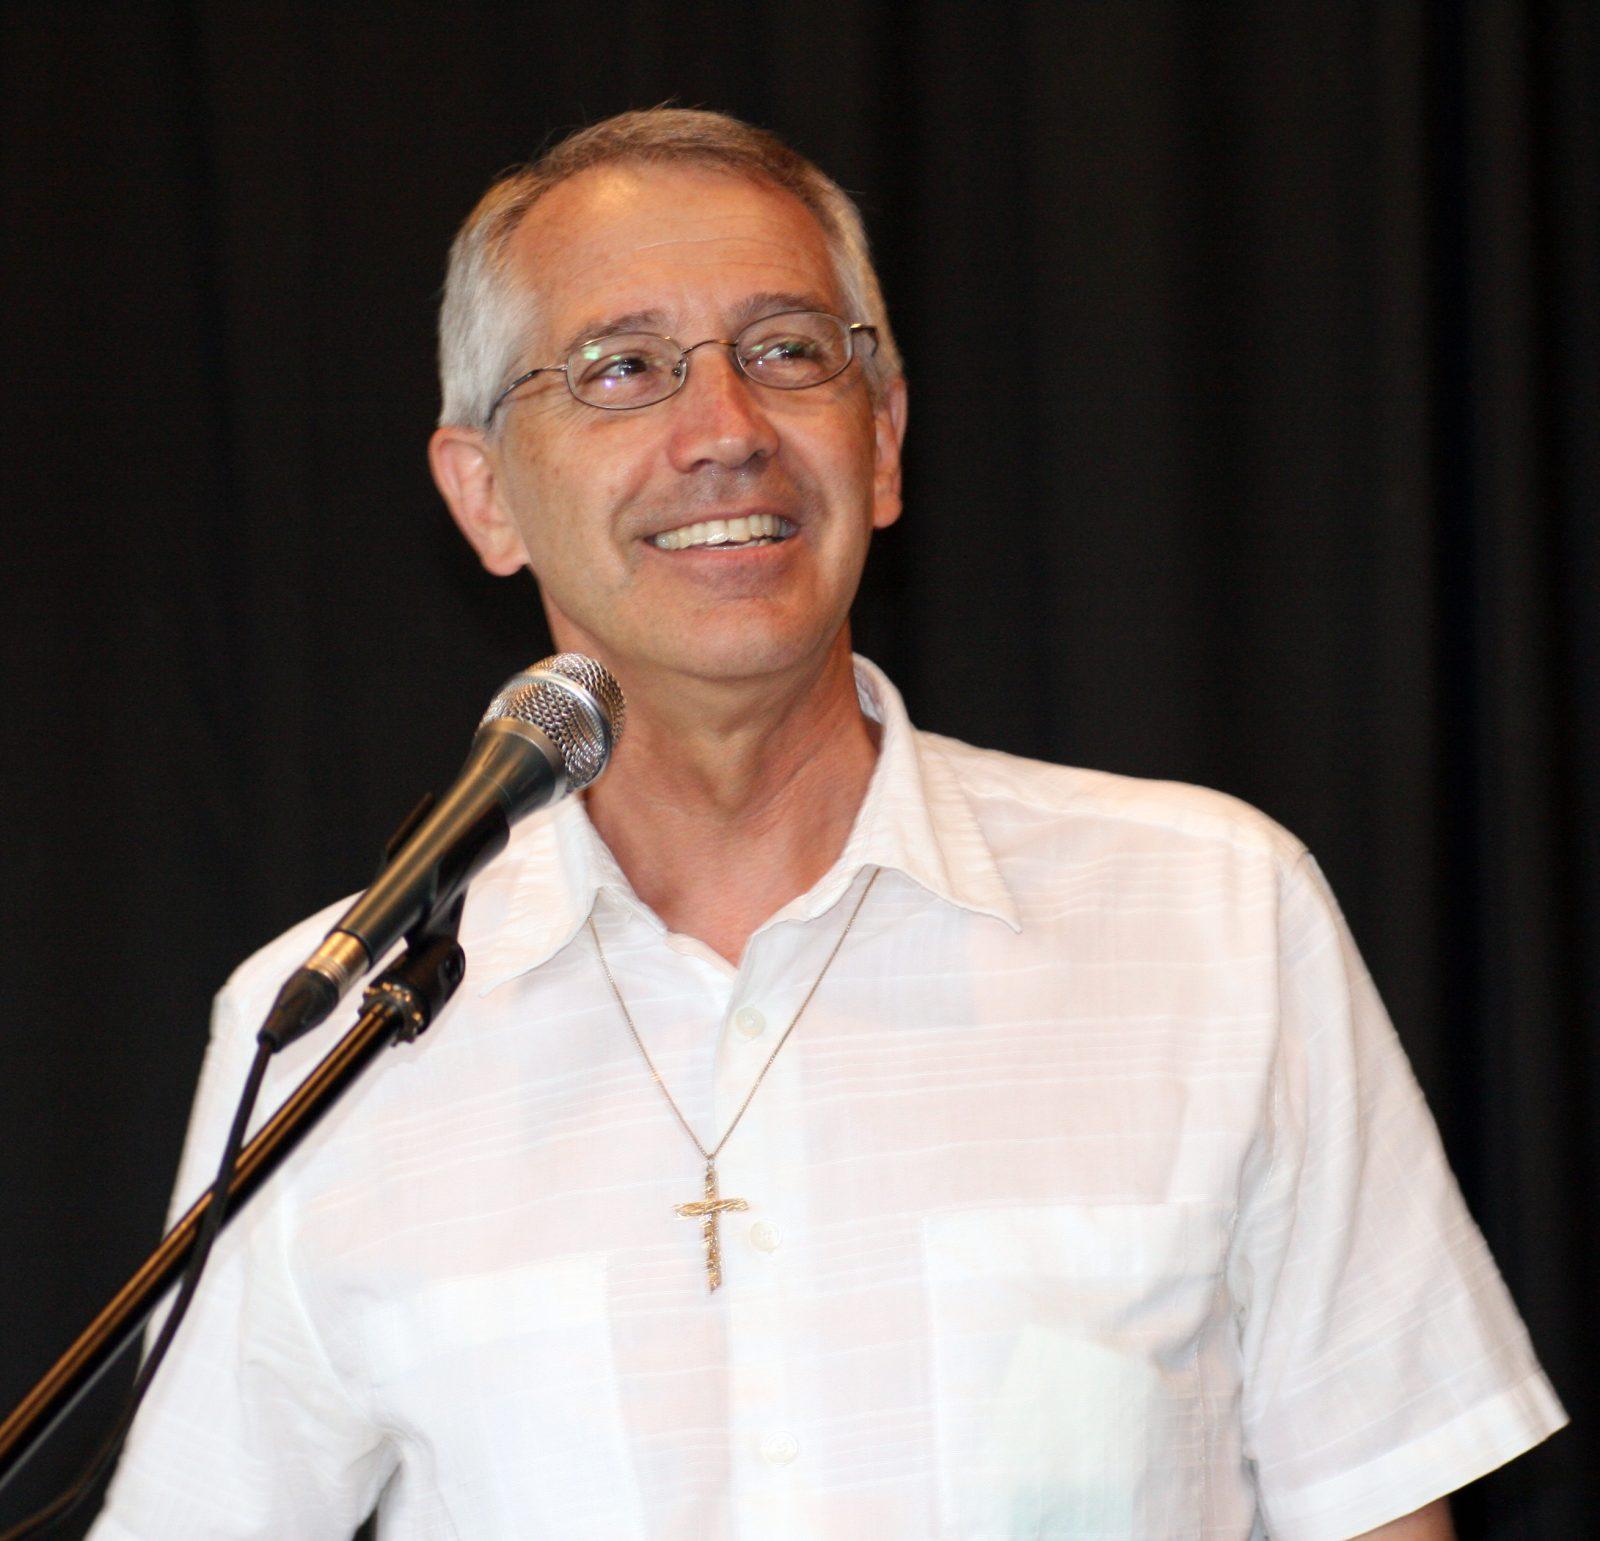 Le départ du curé Jean-Claude Poitras souligné à la paroisse Saint-Luc